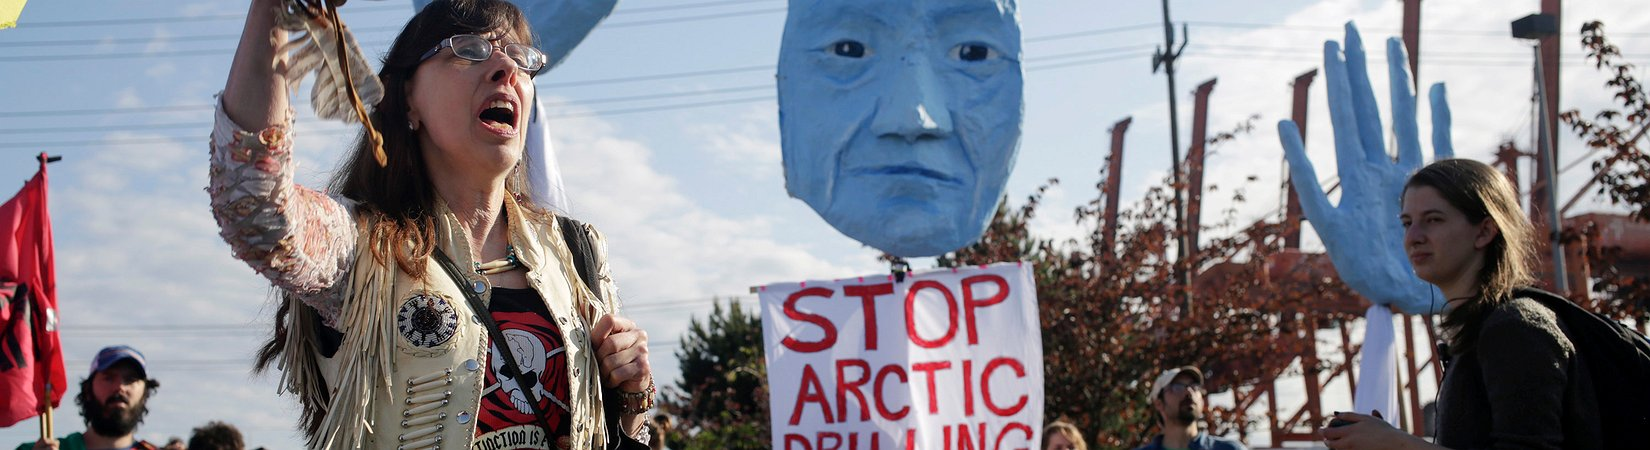 Obama prohíbe la perforación en alta mar en algunas partes del Ártico y el Atlántico